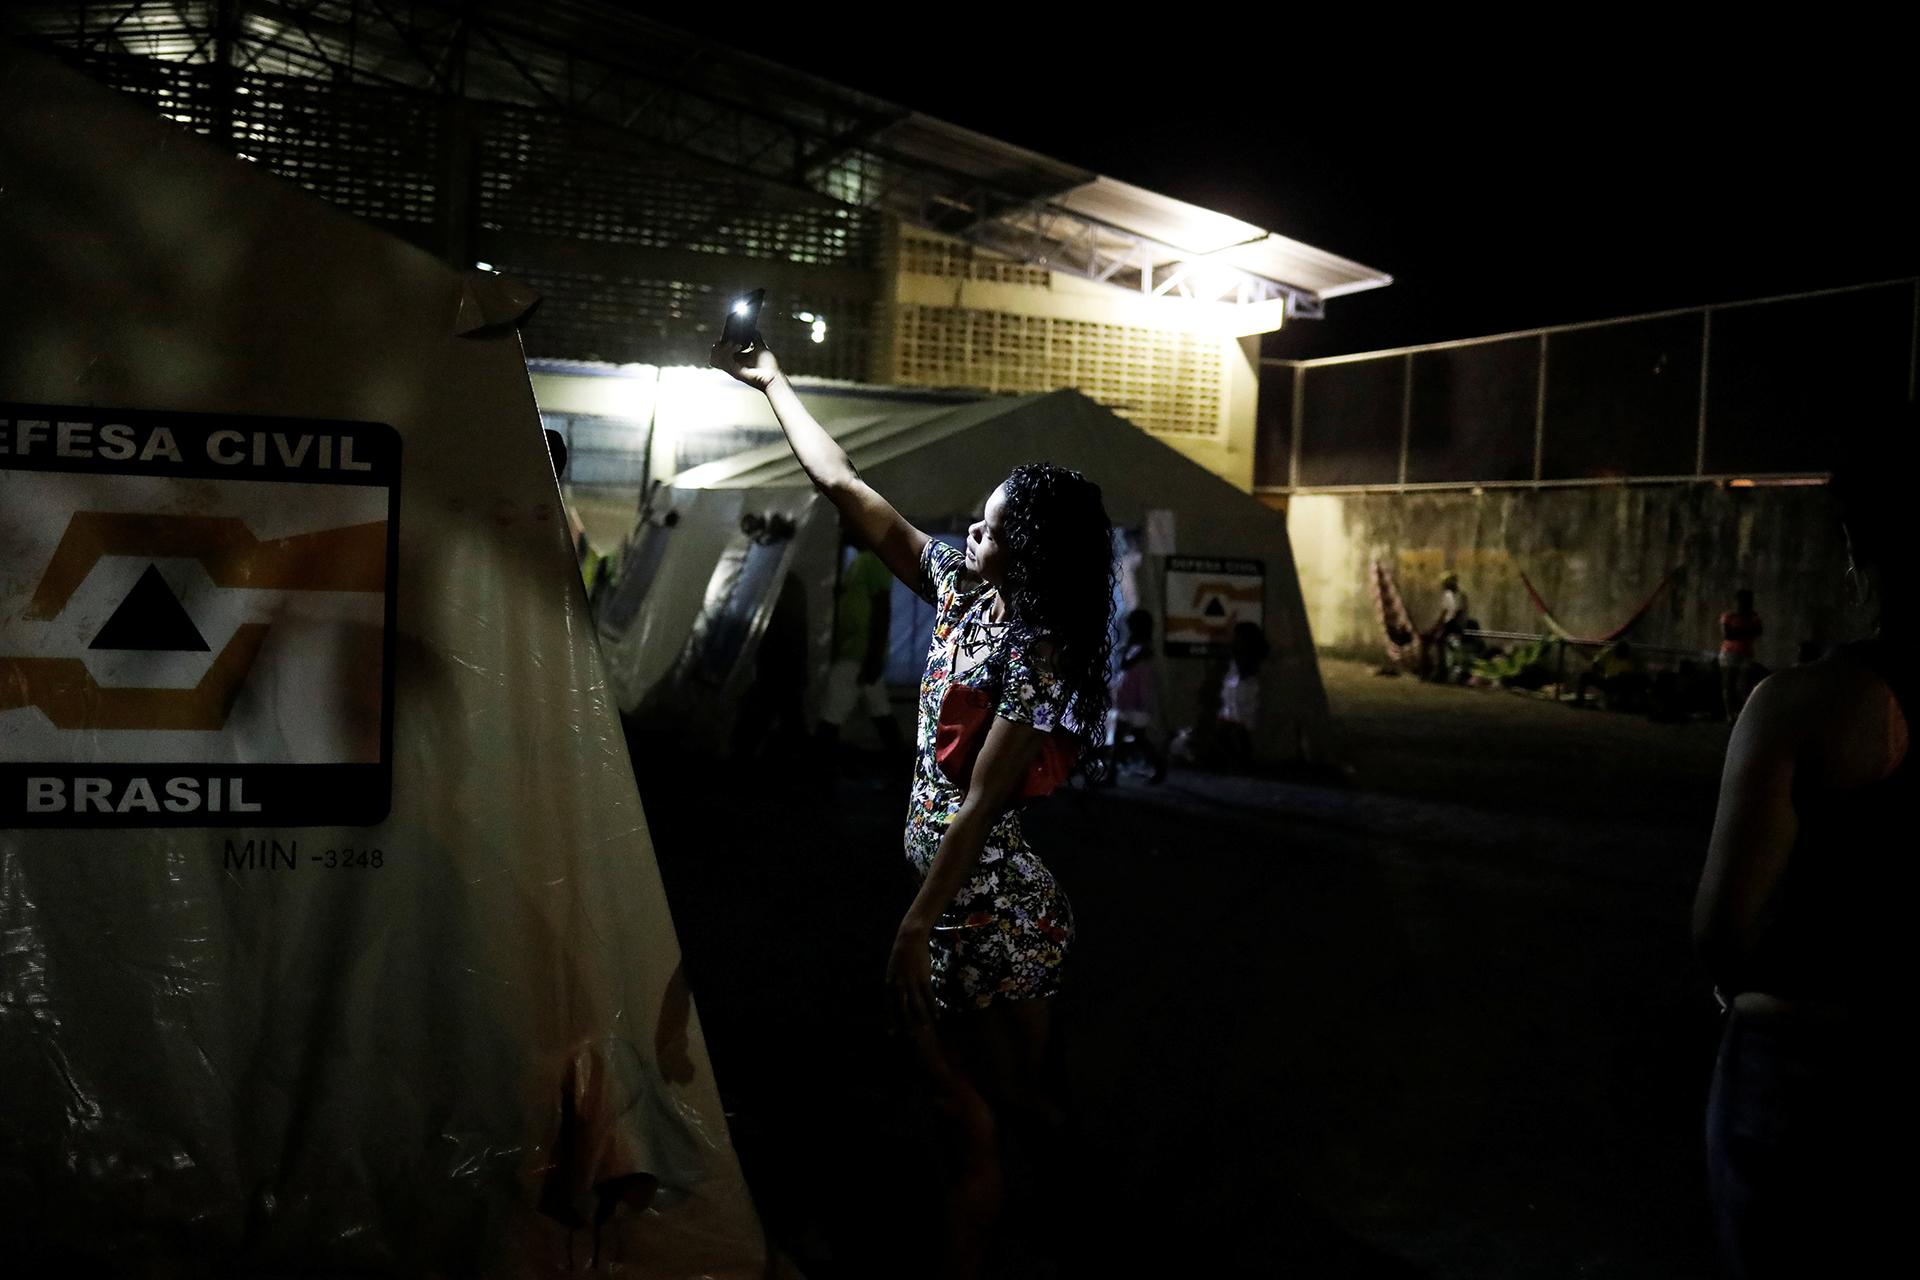 Una mujer prende una lamparita en los refugios (REUTERS)